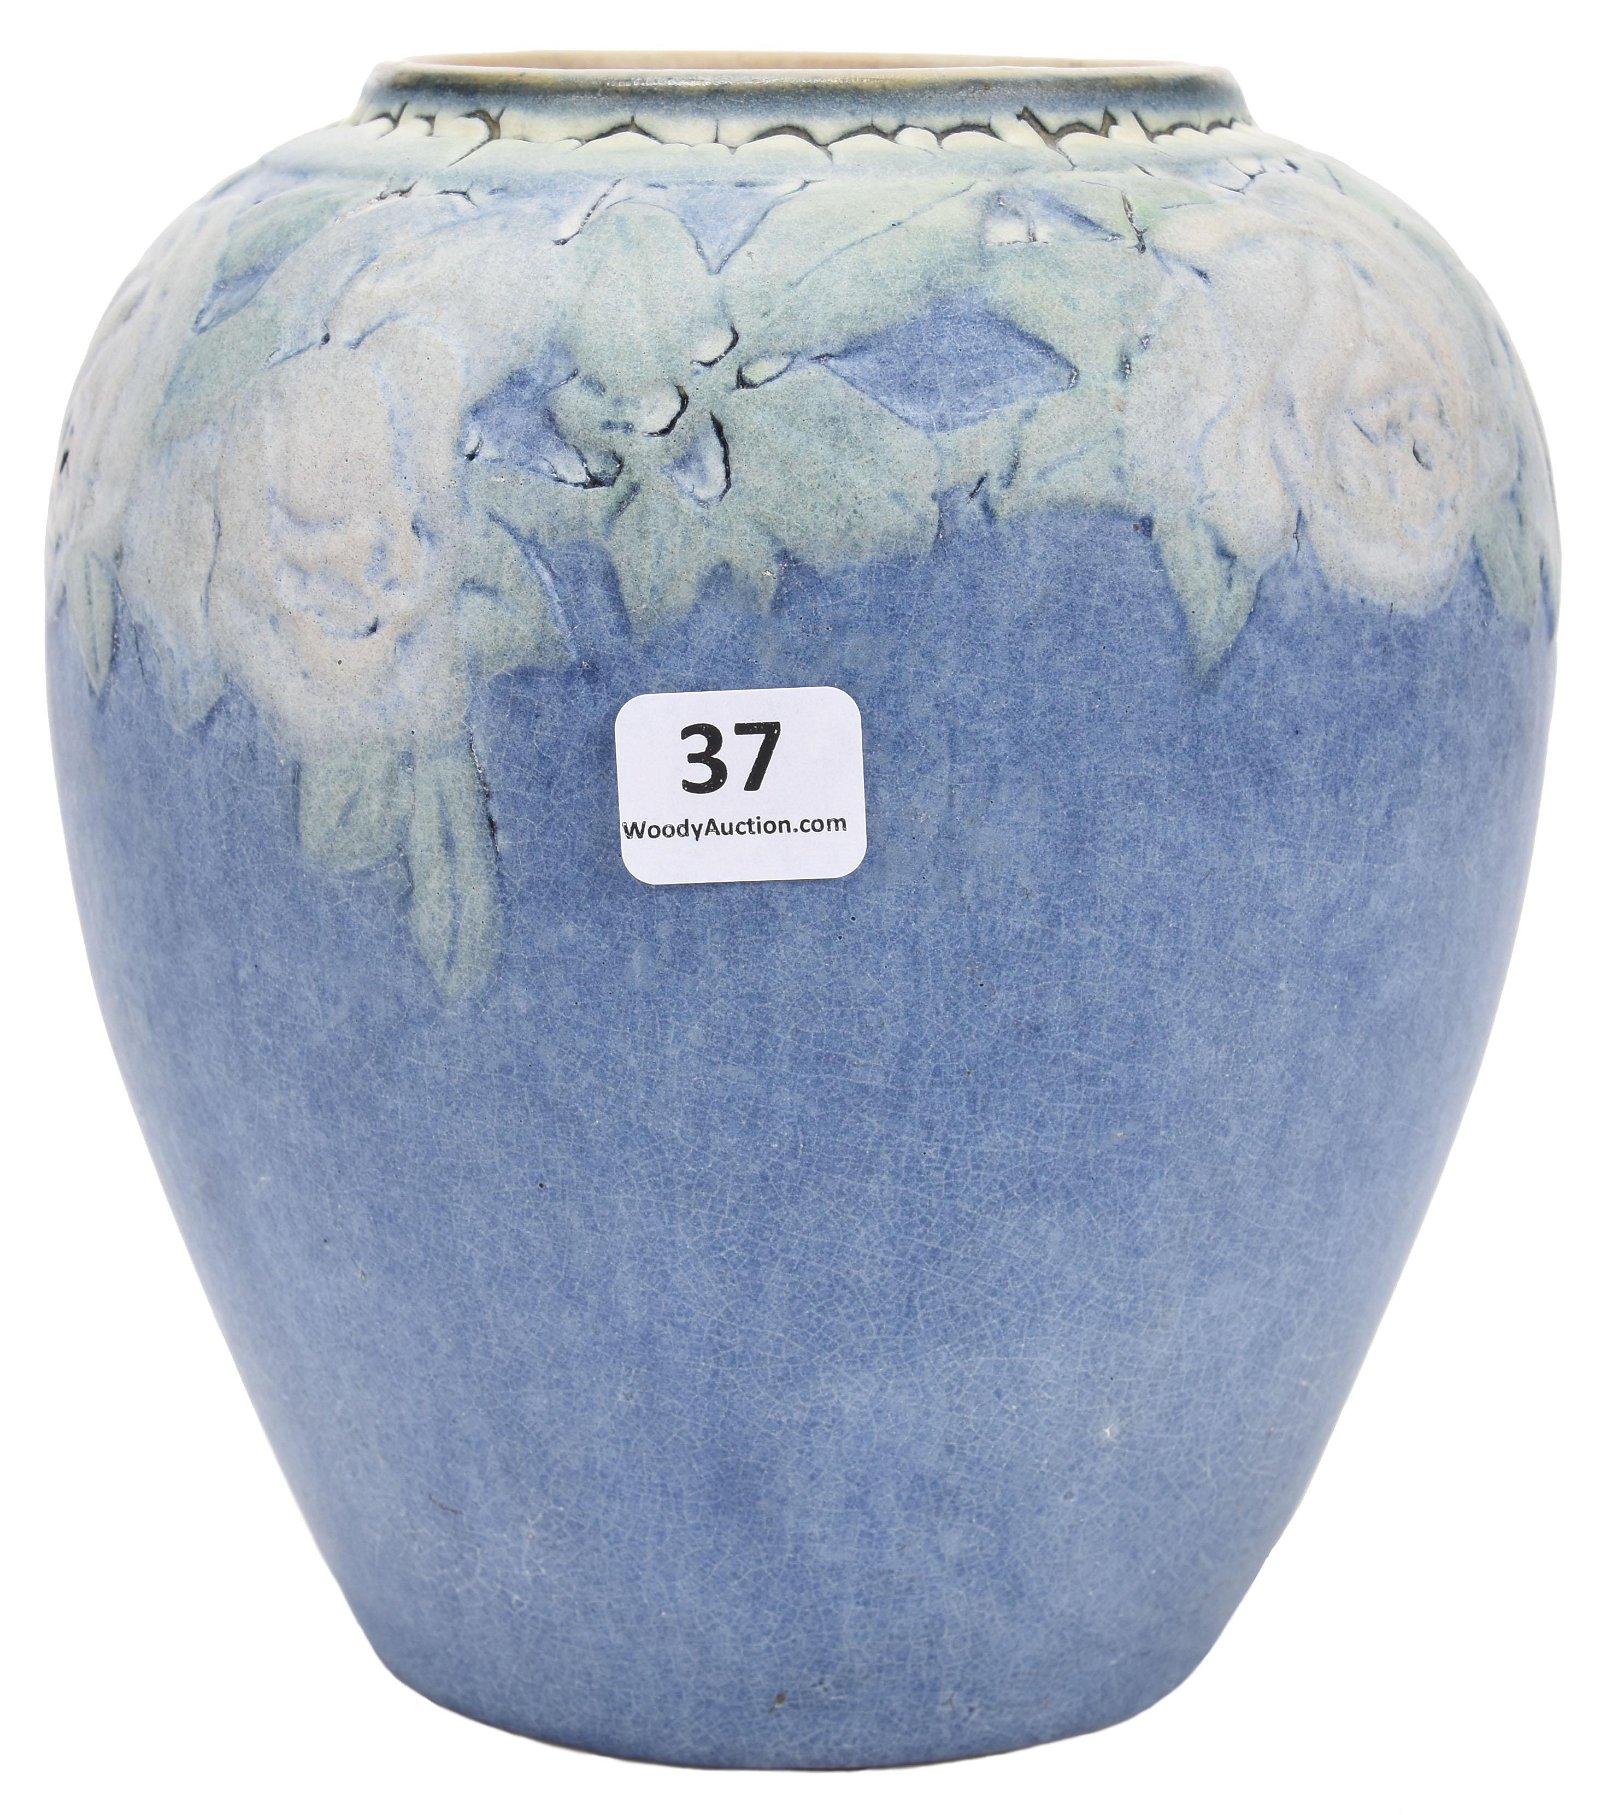 Newcomb Art Pottery Vase